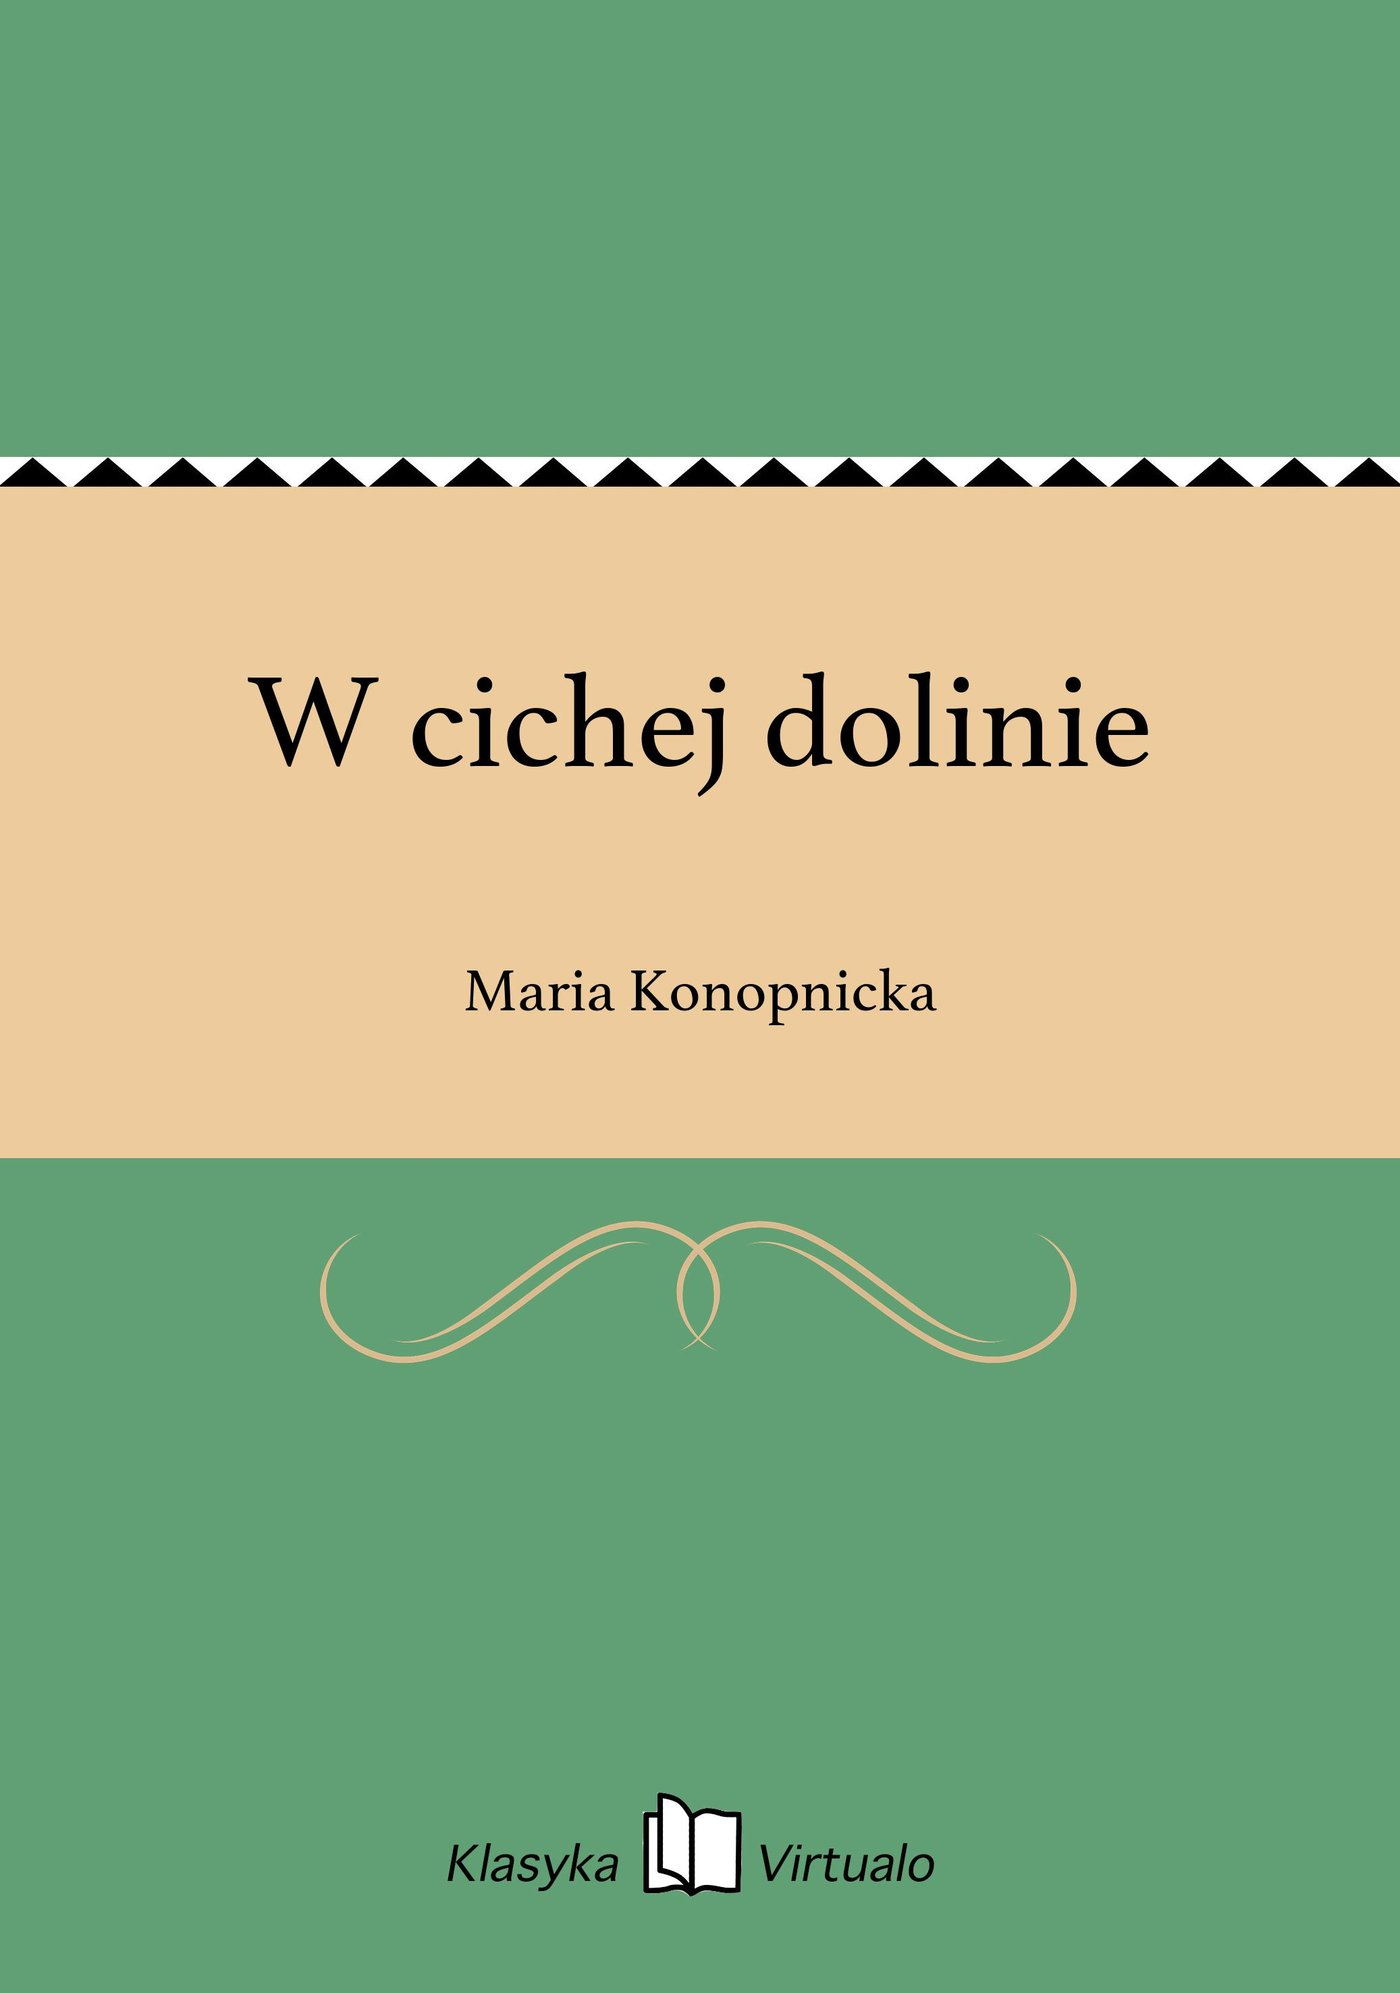 W cichej dolinie - Ebook (Książka EPUB) do pobrania w formacie EPUB